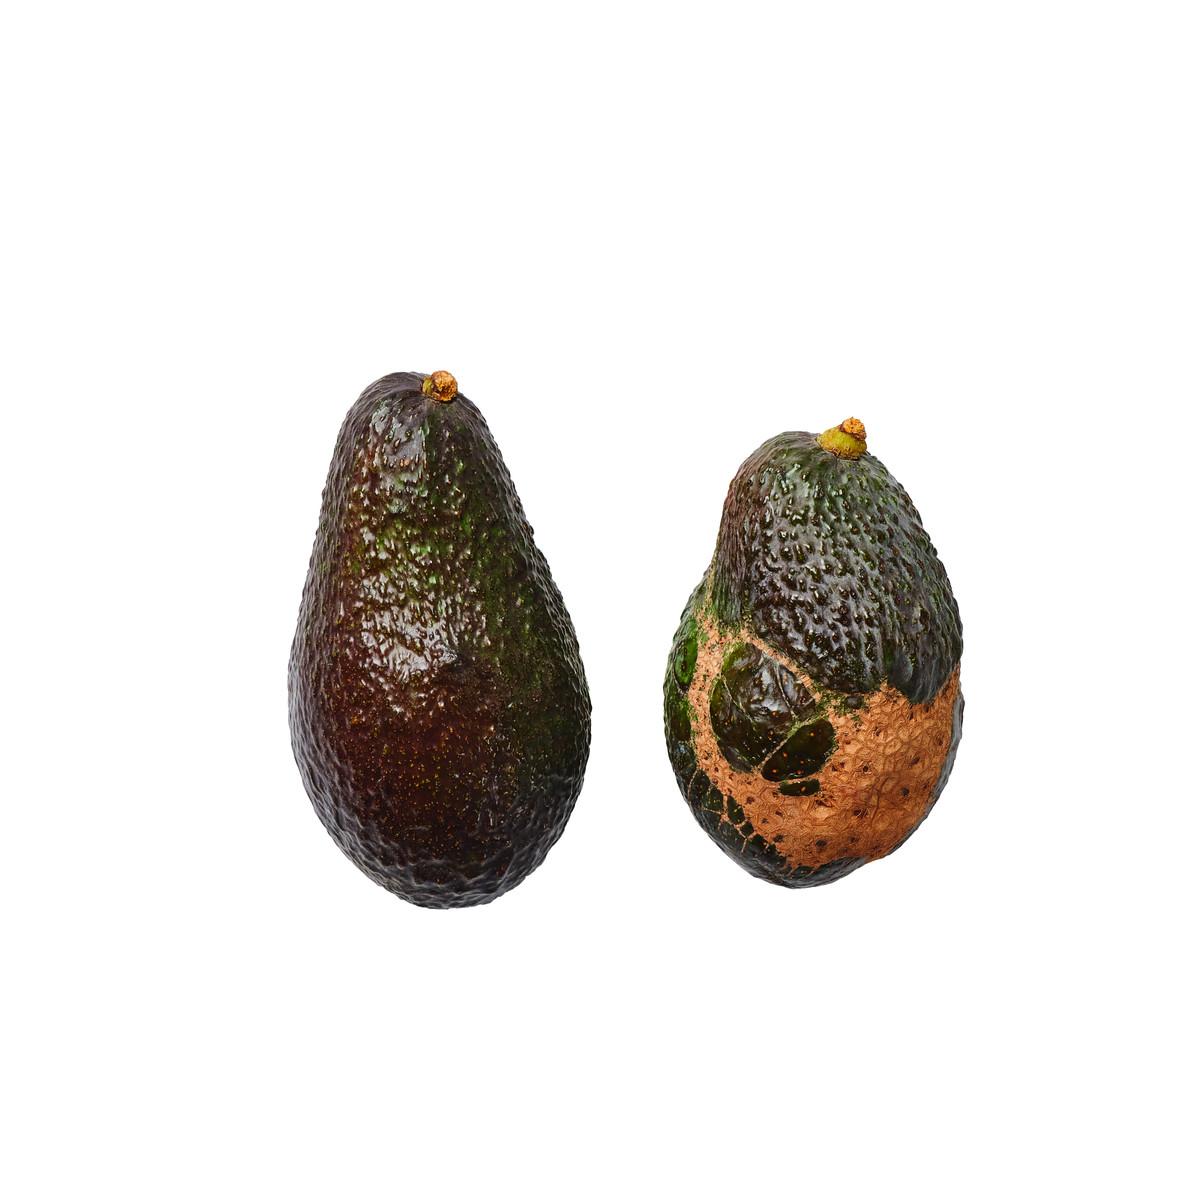 20200228_Gemüse:Obst_Freisteller_14.jpg